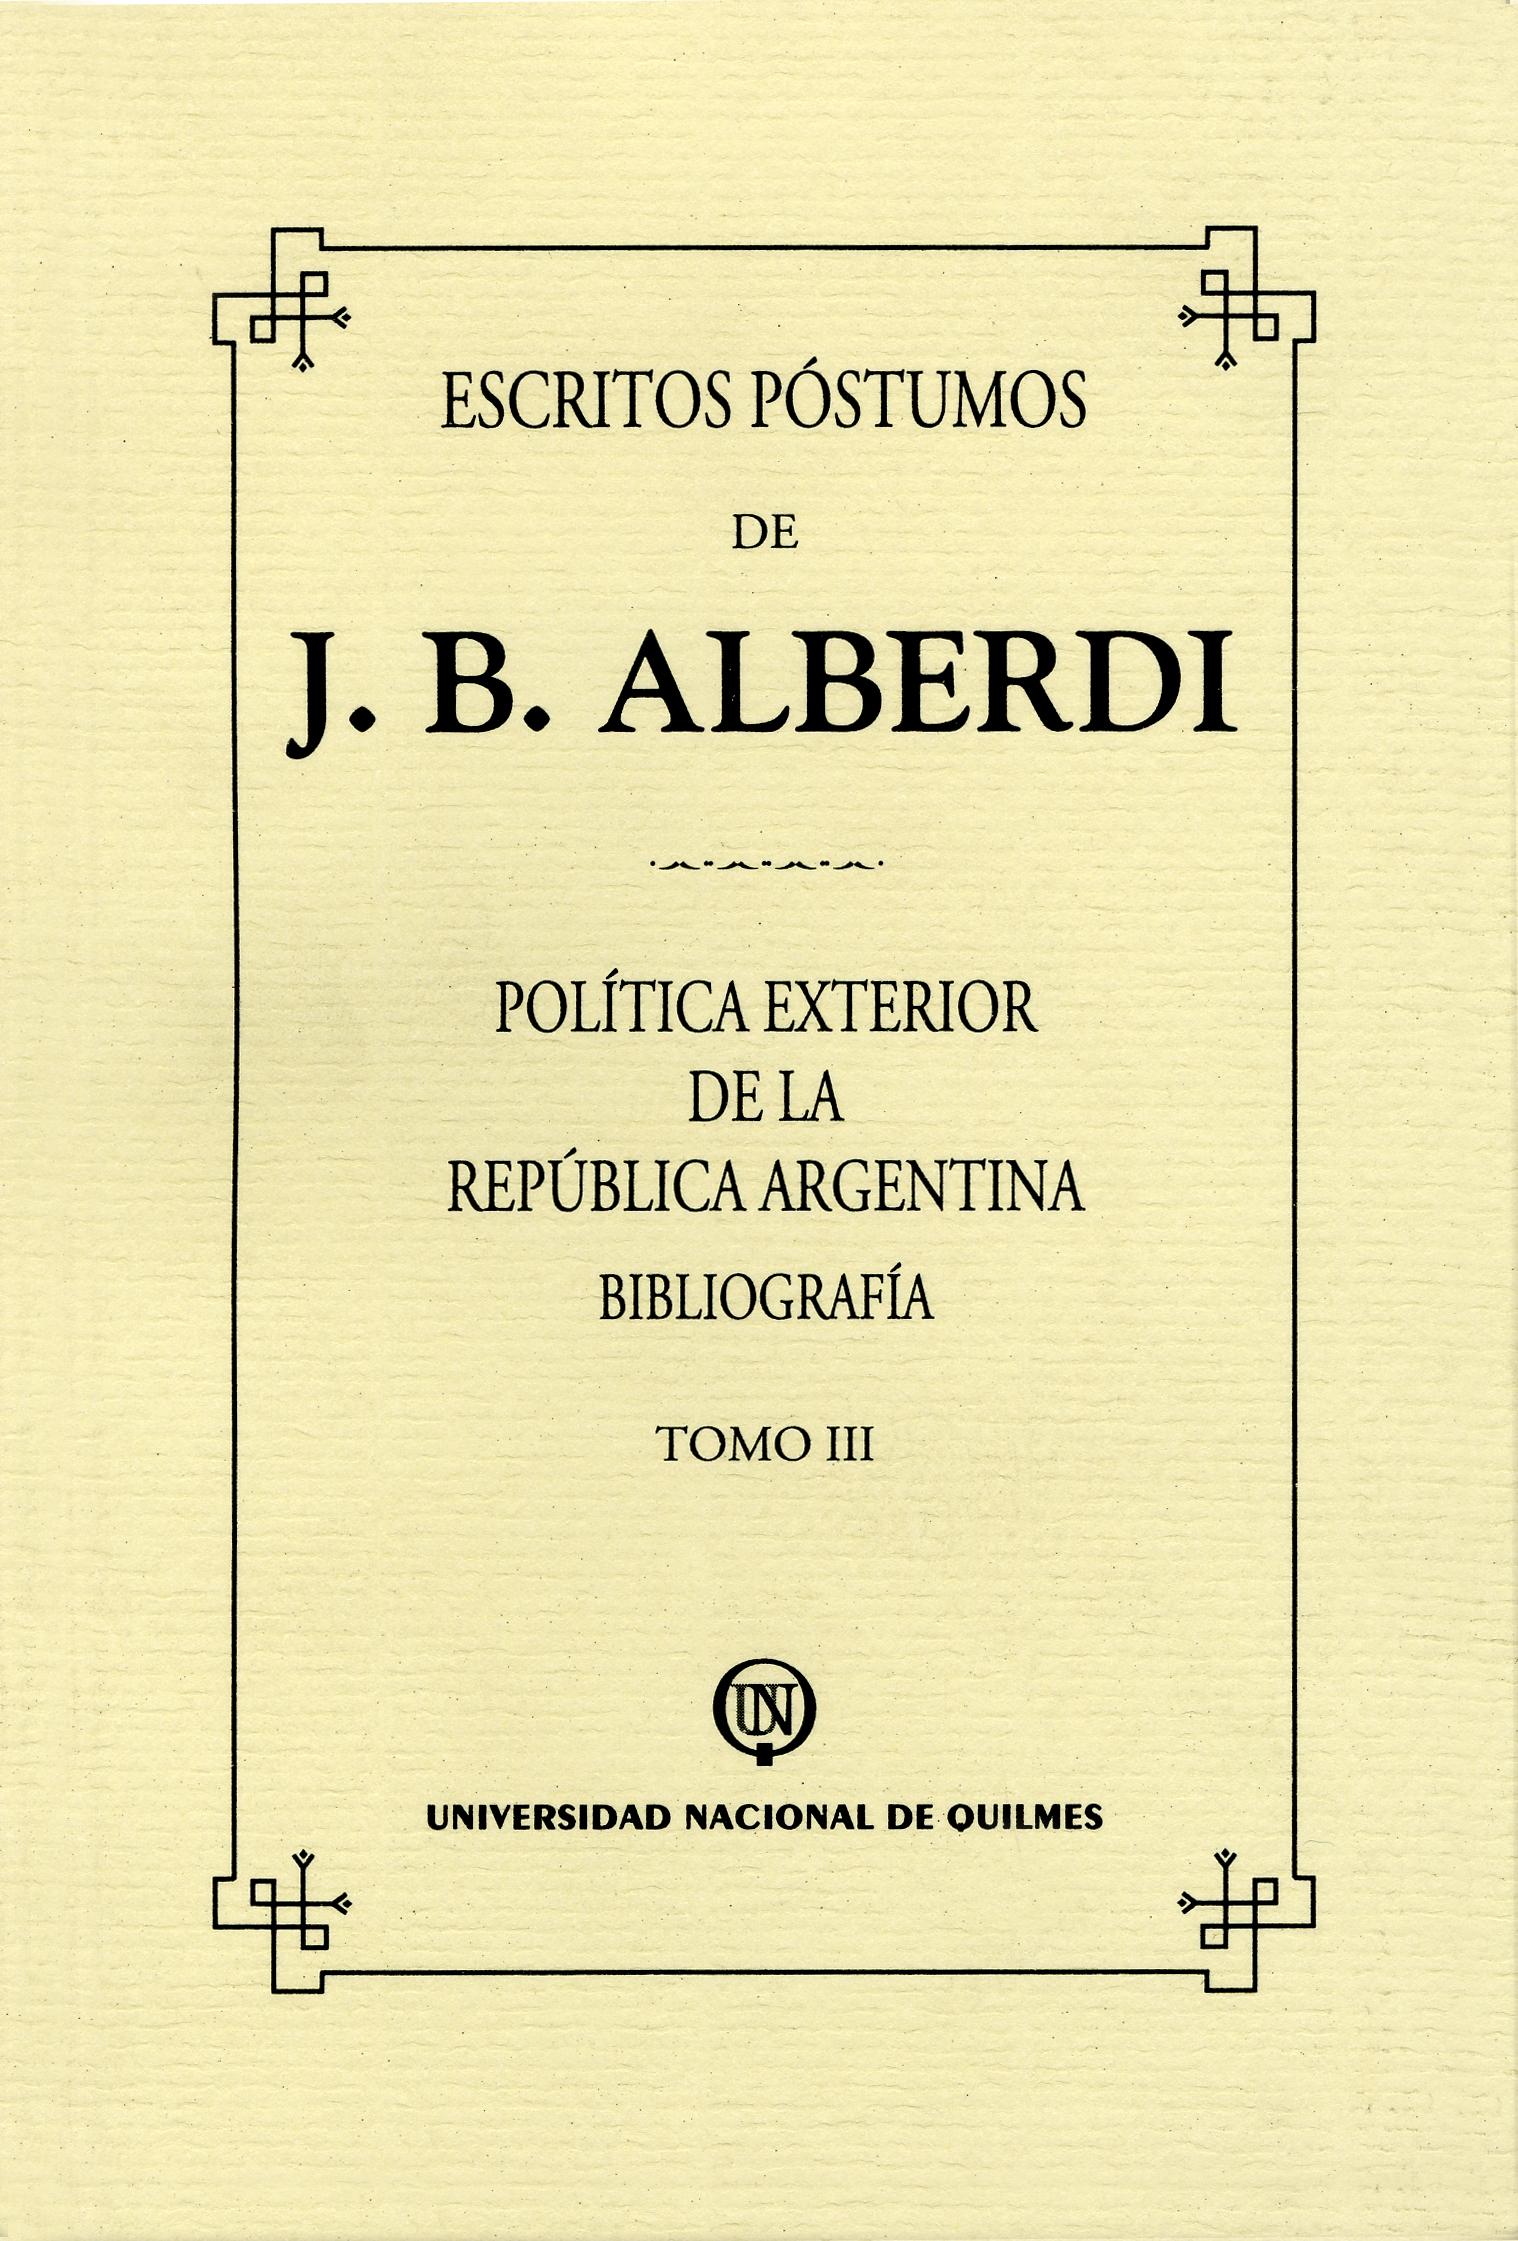 Escritos póstumos de J. B. Alberdi. Tomo III. Política exterior de la República Argentina